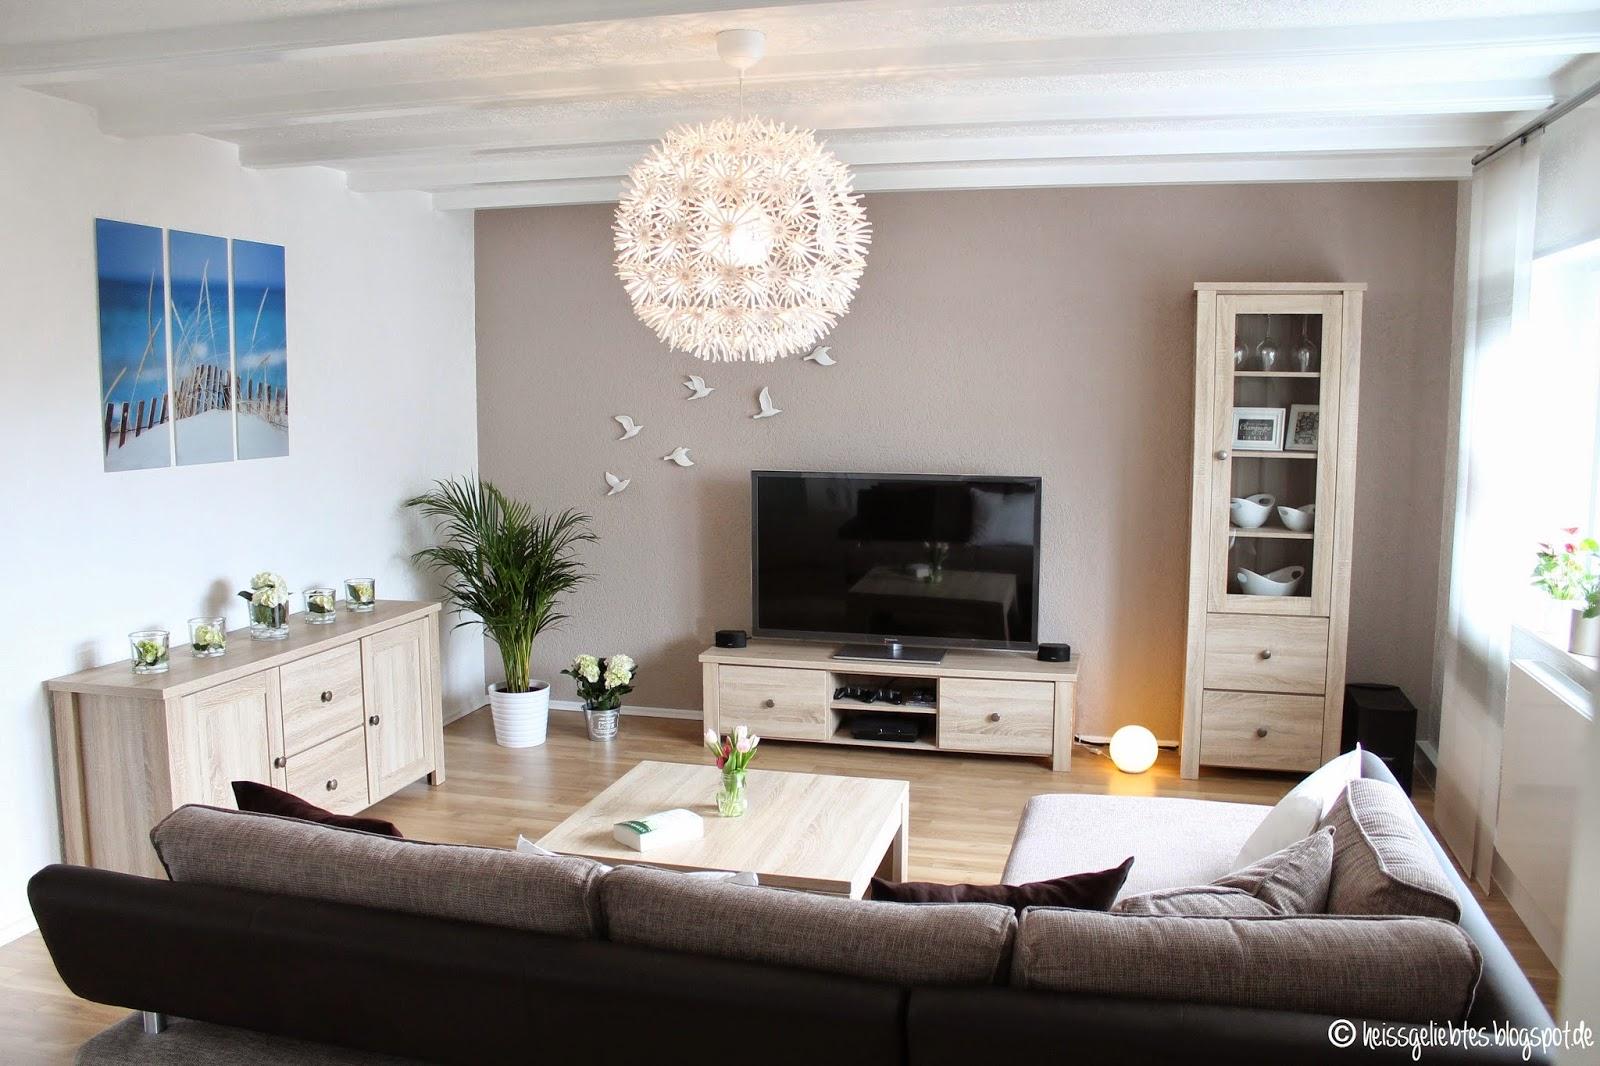 heissgeliebtes zimmerschau das wohnzimmer. Black Bedroom Furniture Sets. Home Design Ideas